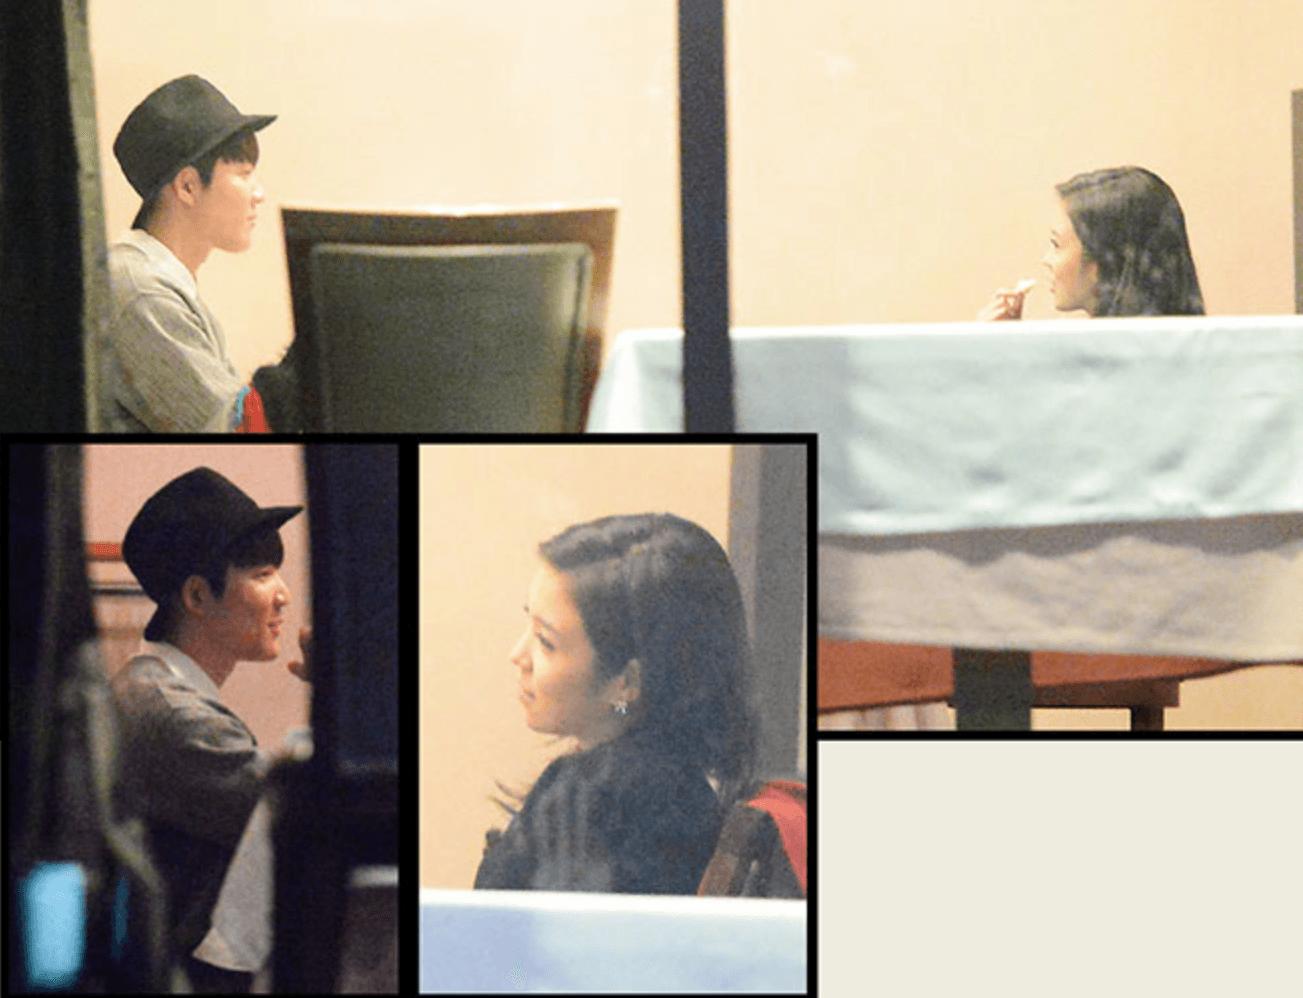 gambar park tae hwan dating